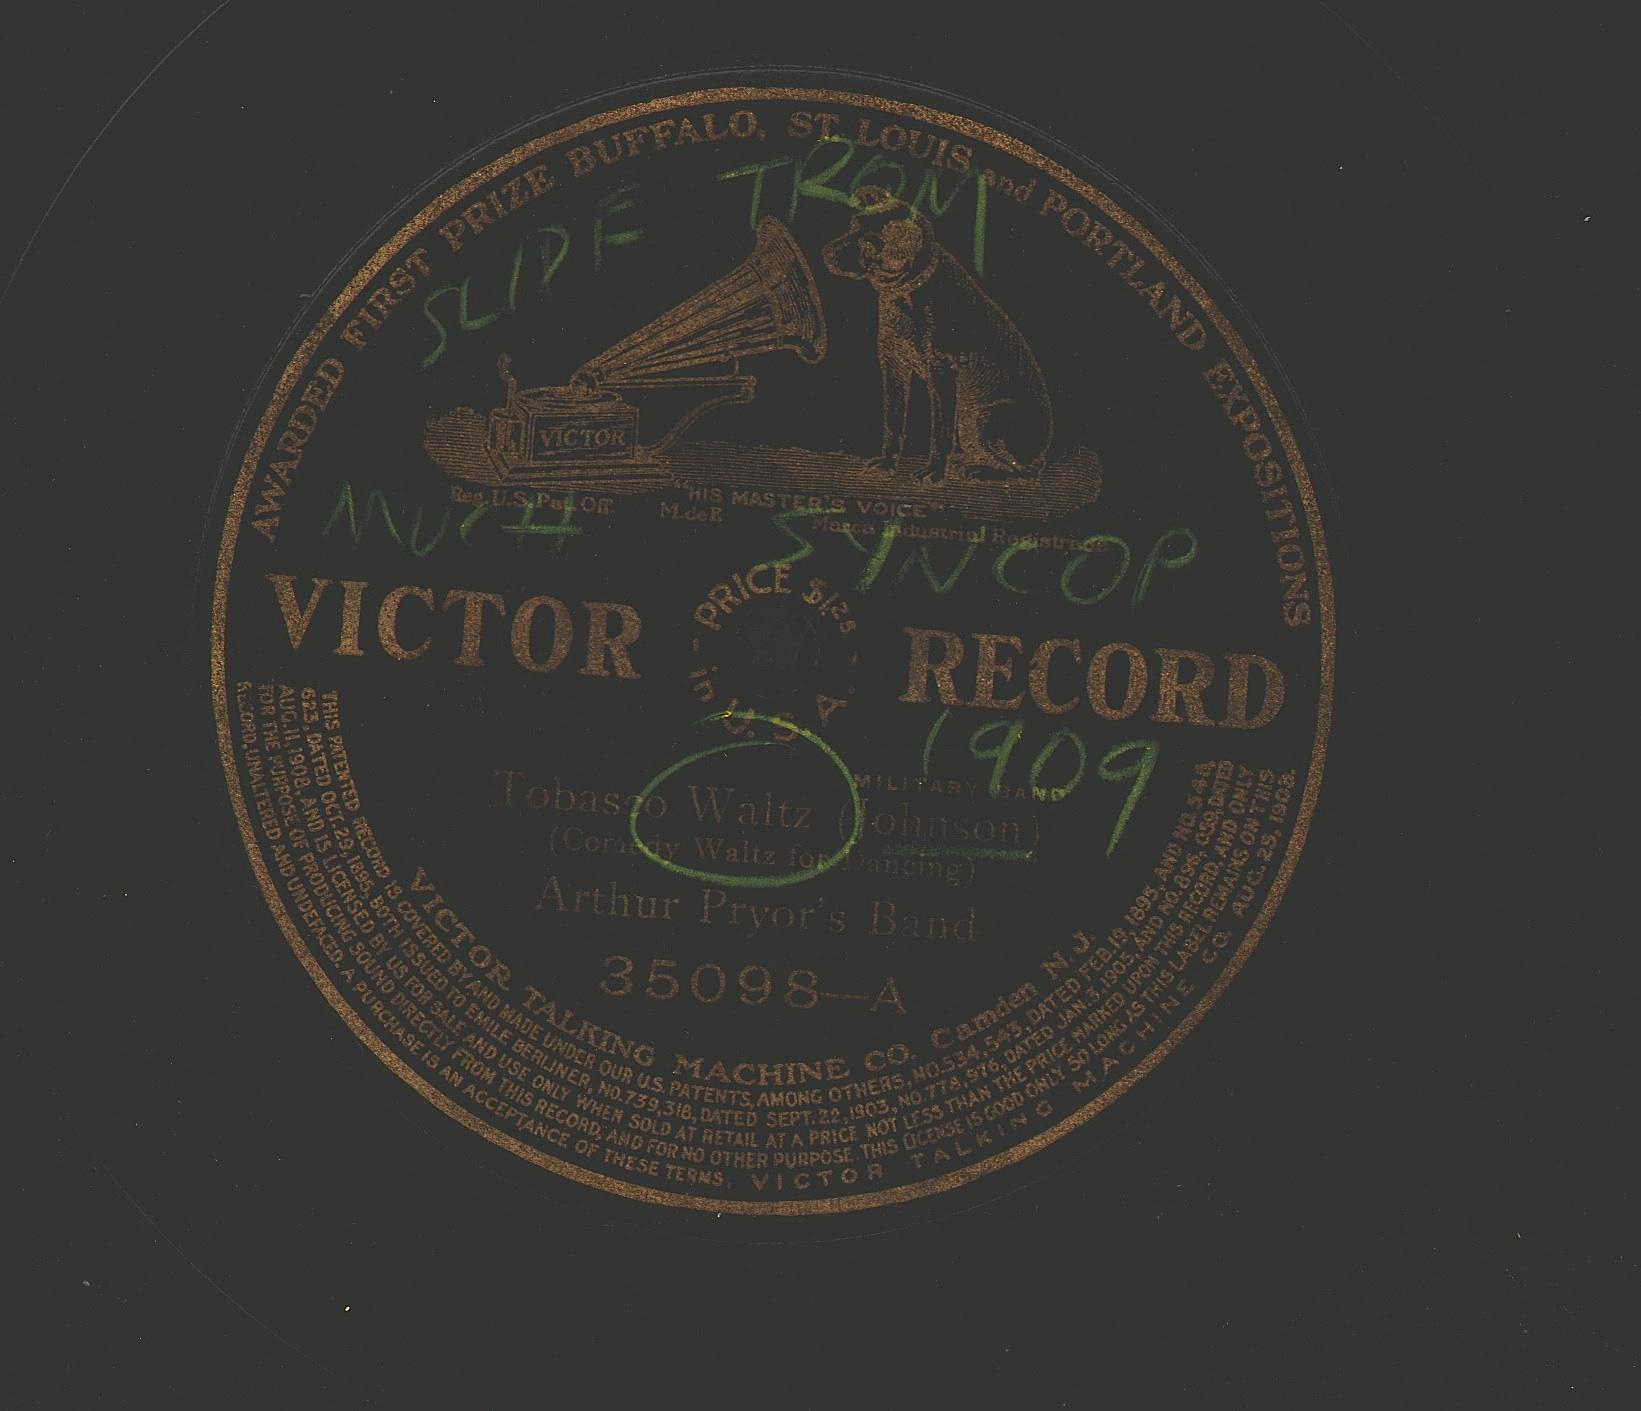 tobasco-label-pryor-vi-35098-x